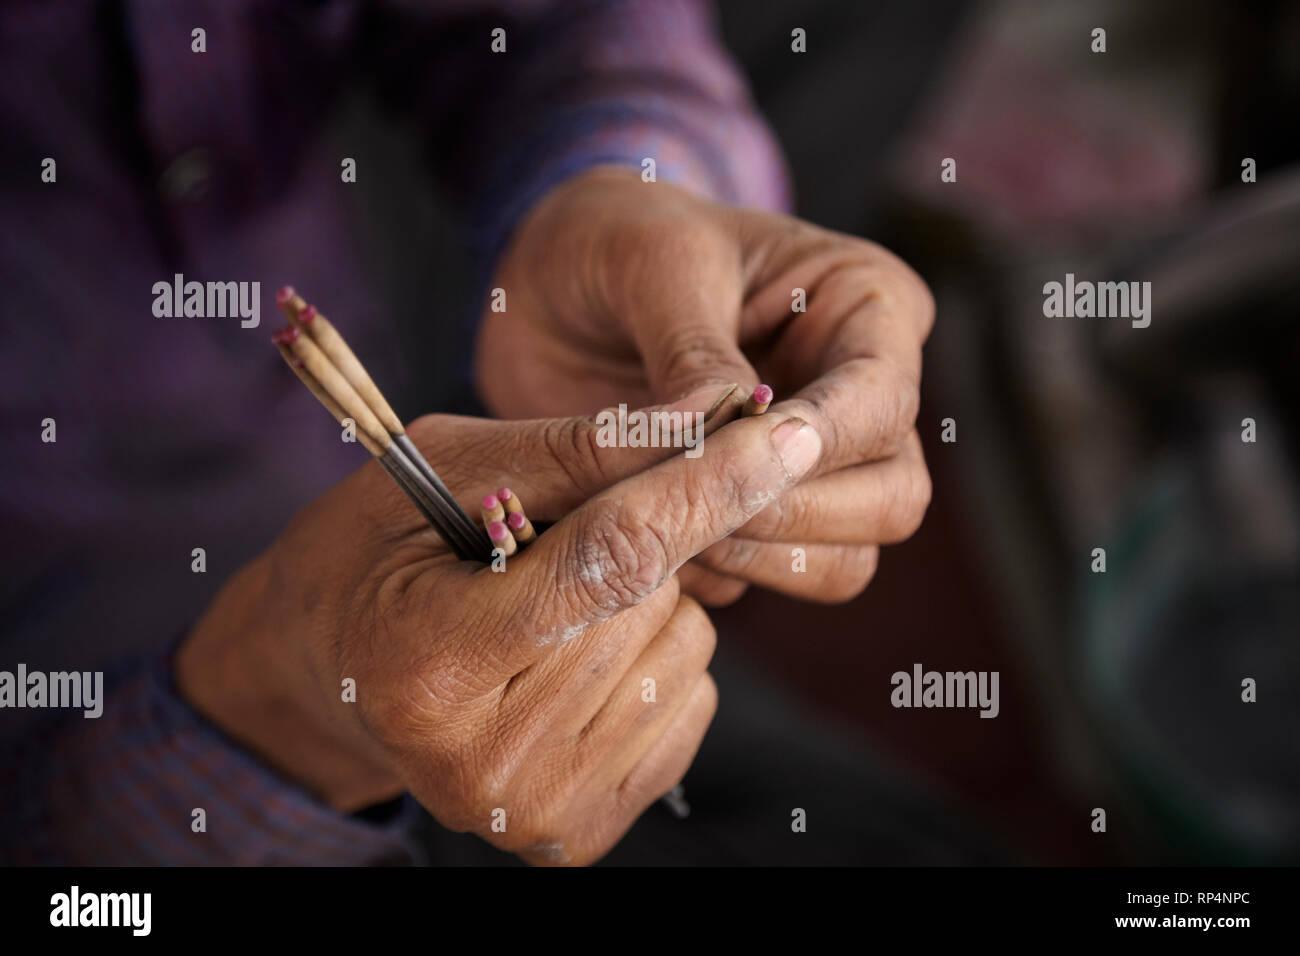 Artesanos pulidores de piedra preciosa en una pequeña fábrica. Imagen De Stock